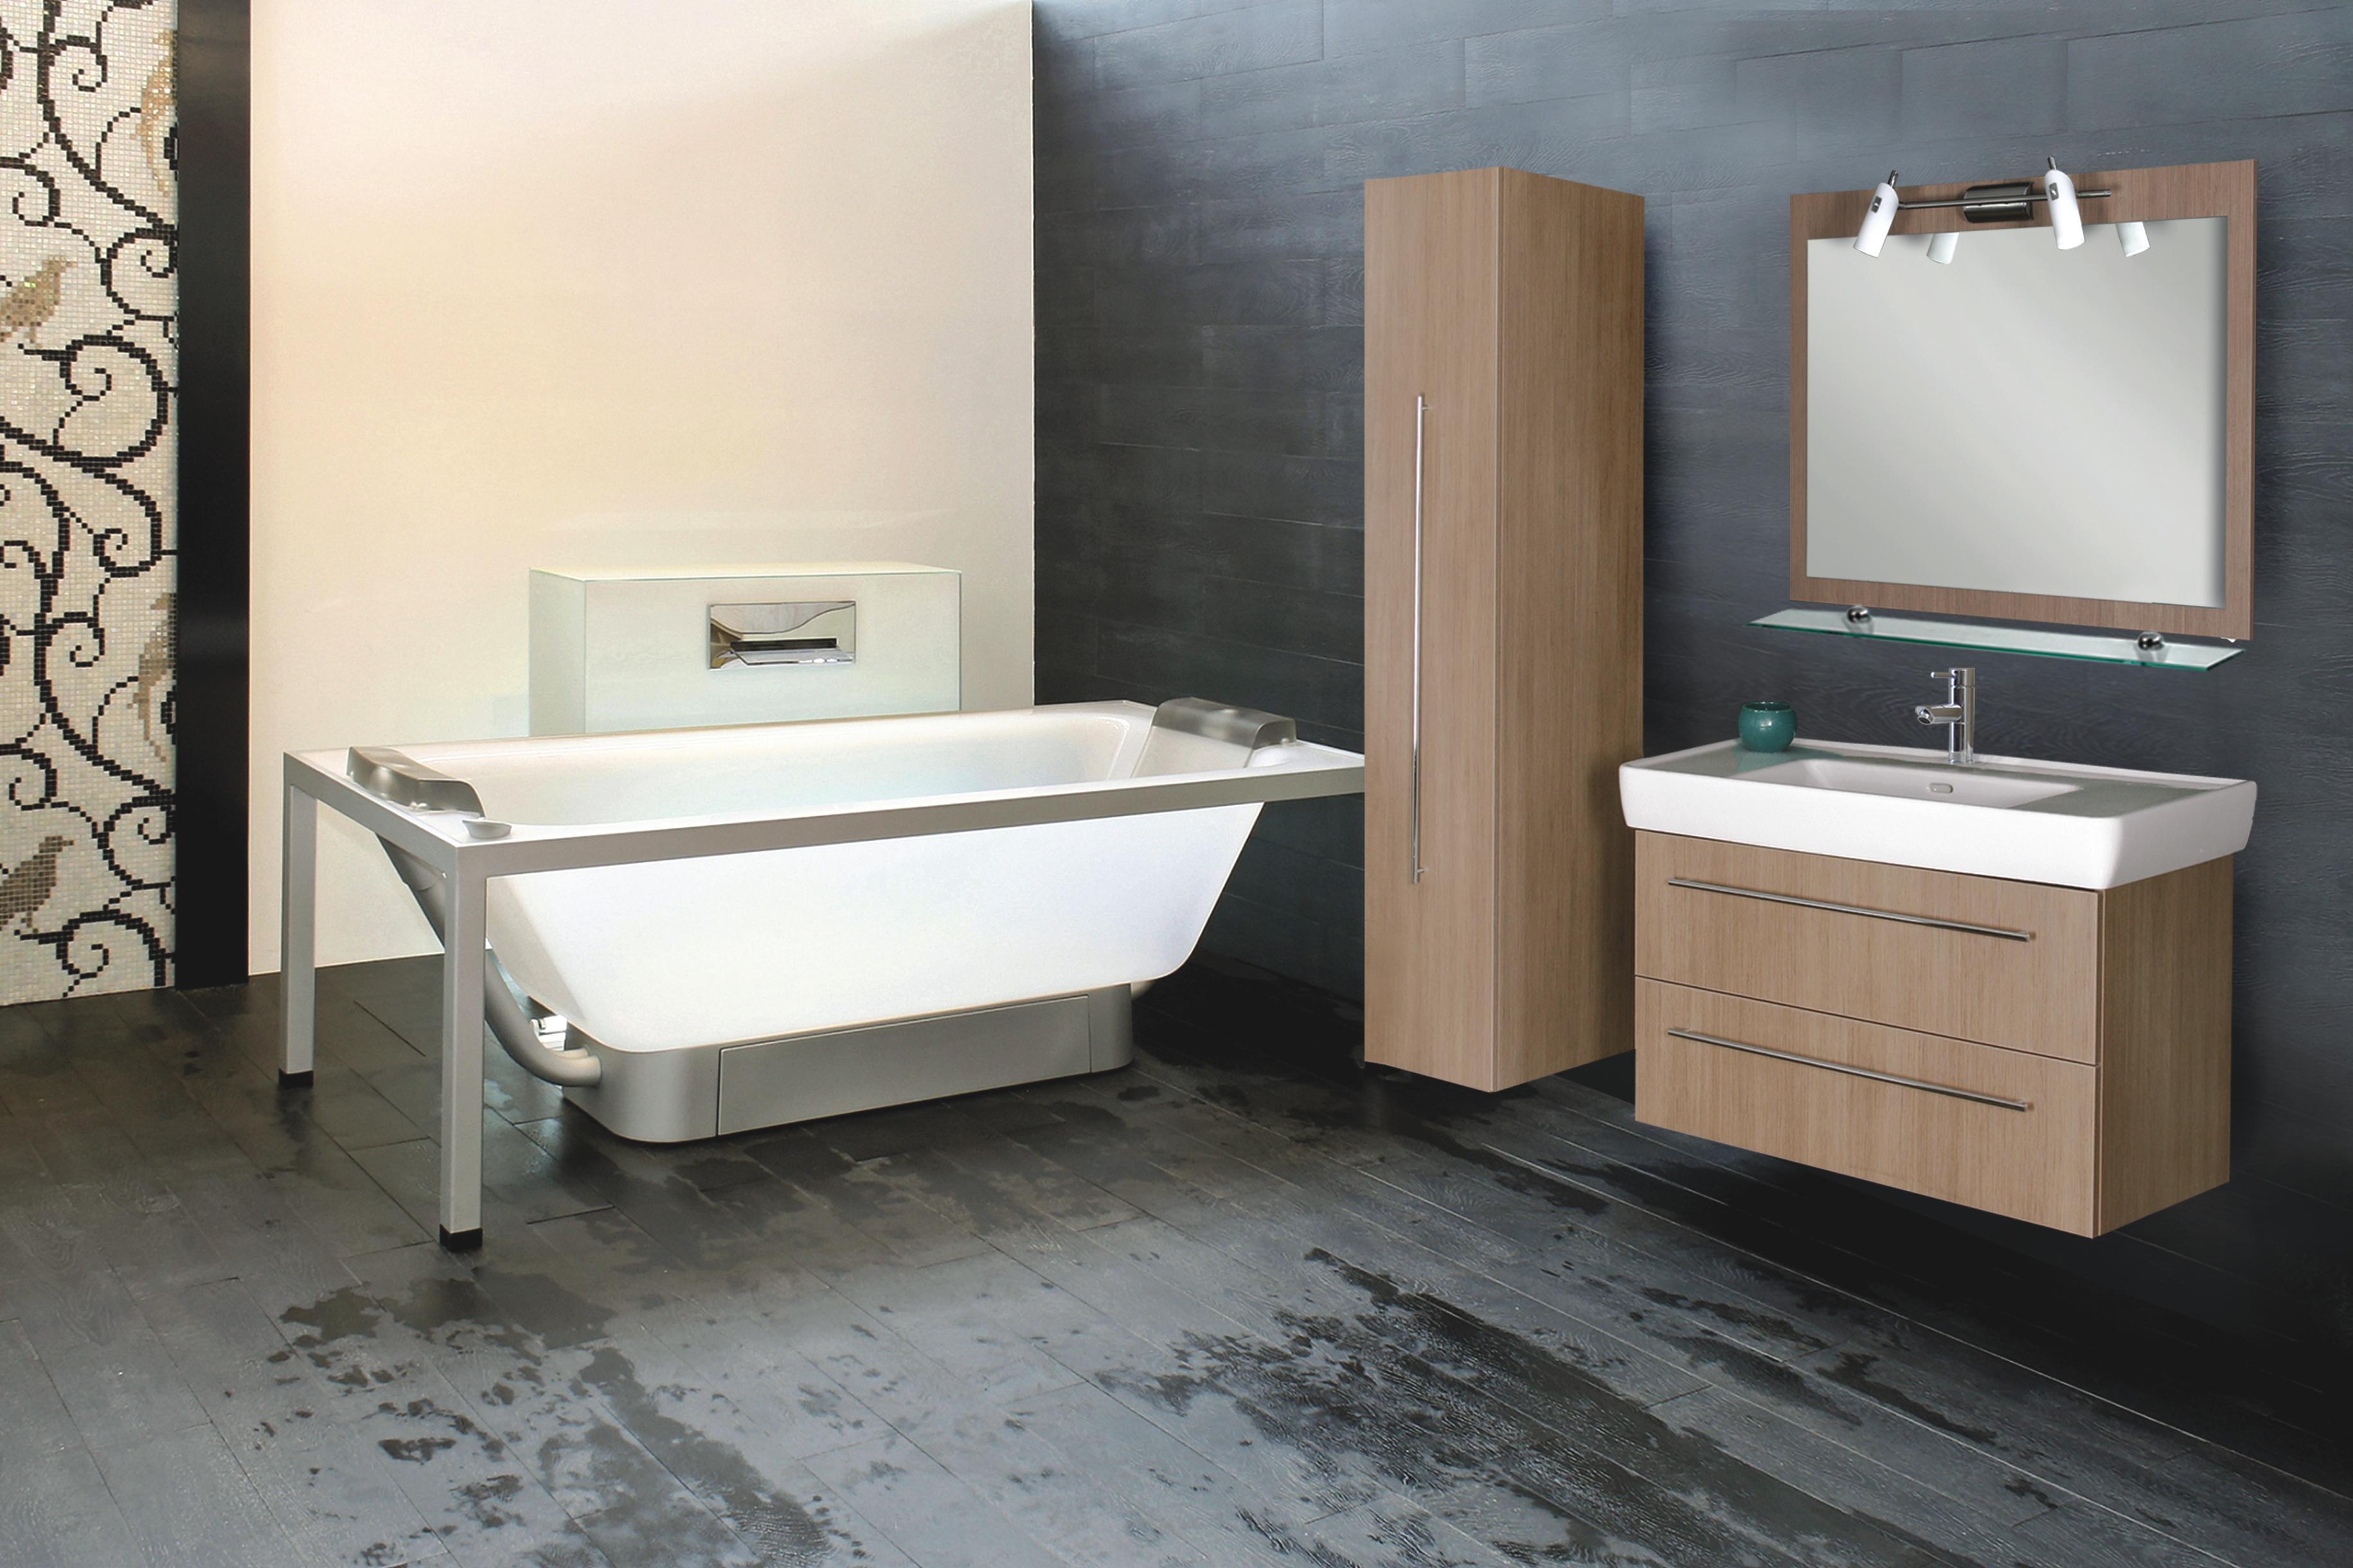 tableau design salle de bain lombards - Tableau Design Salle De Bain